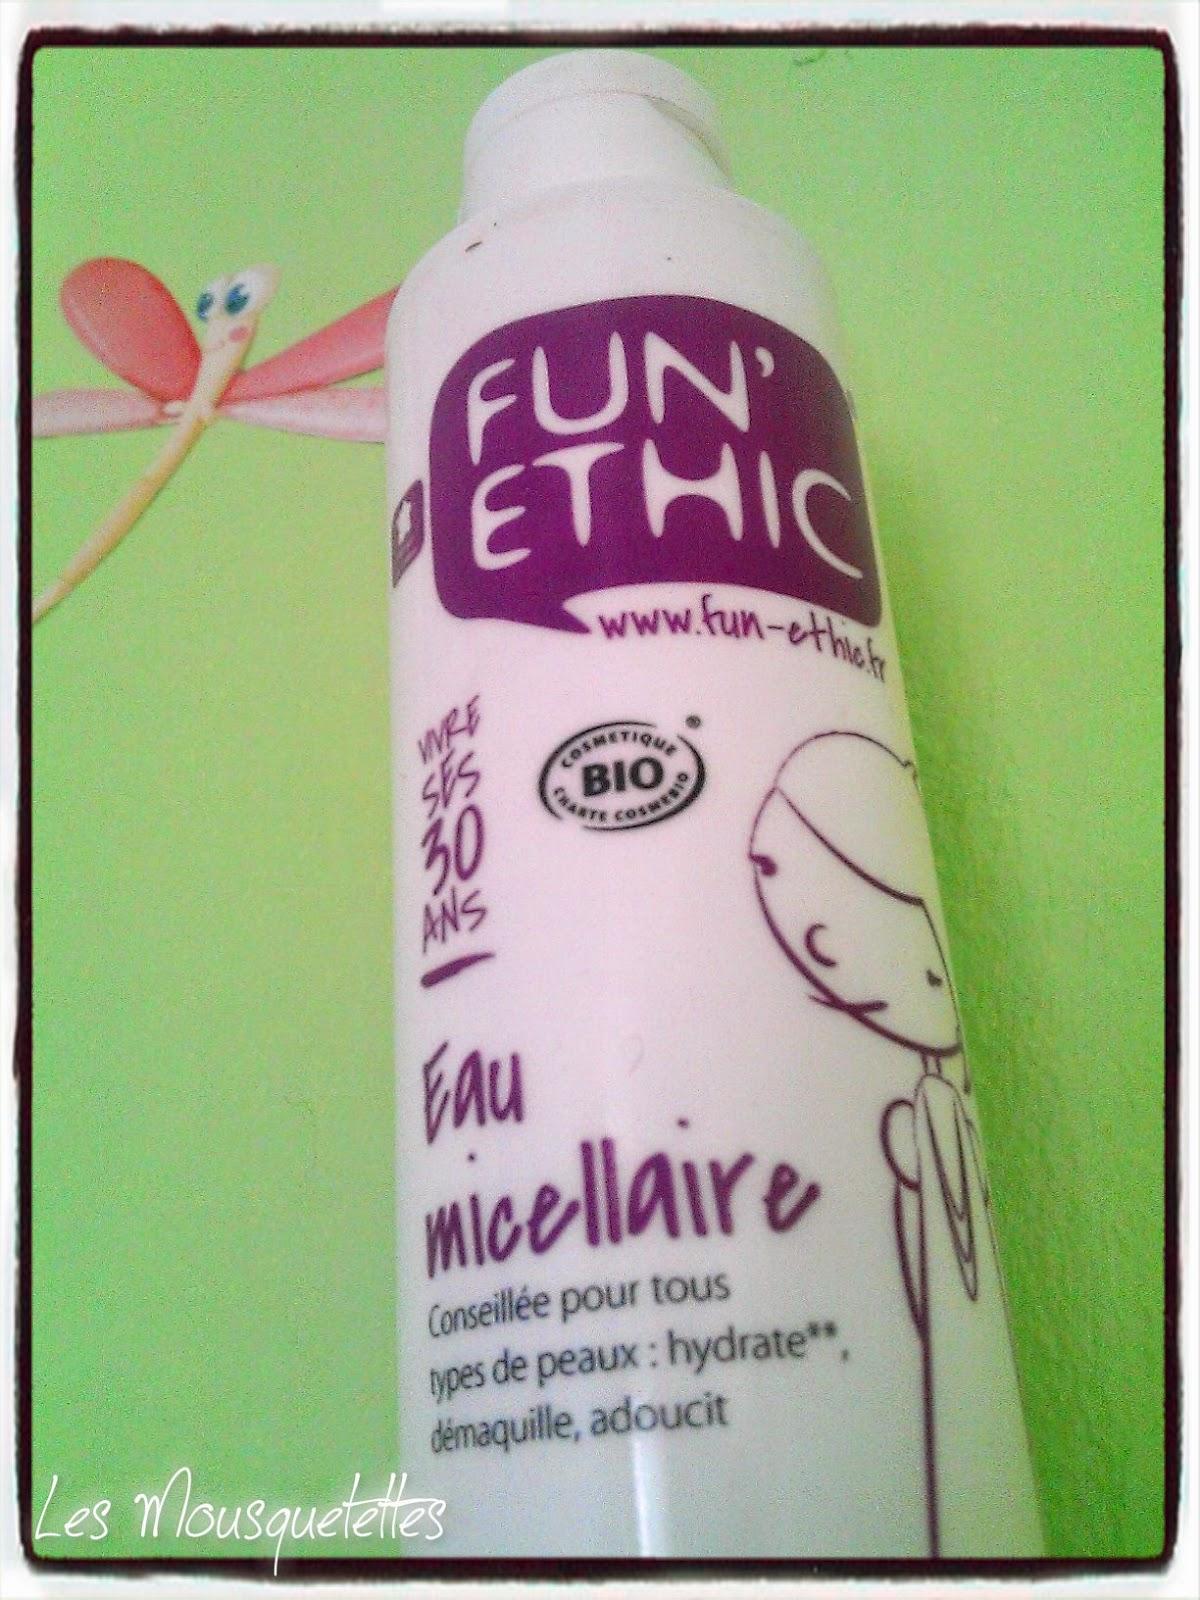 Eau micellaire Fun' Ethic - Les Mousquetettes©